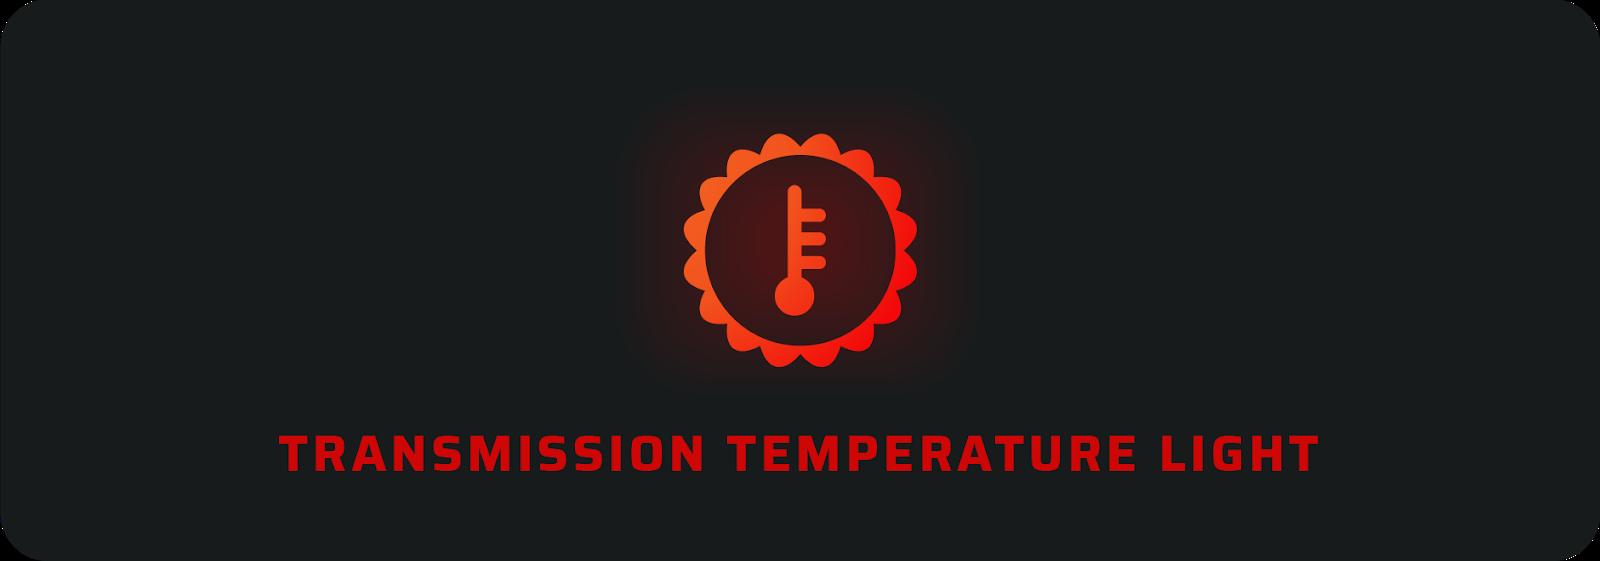 Car warning lights: Transmission temperature